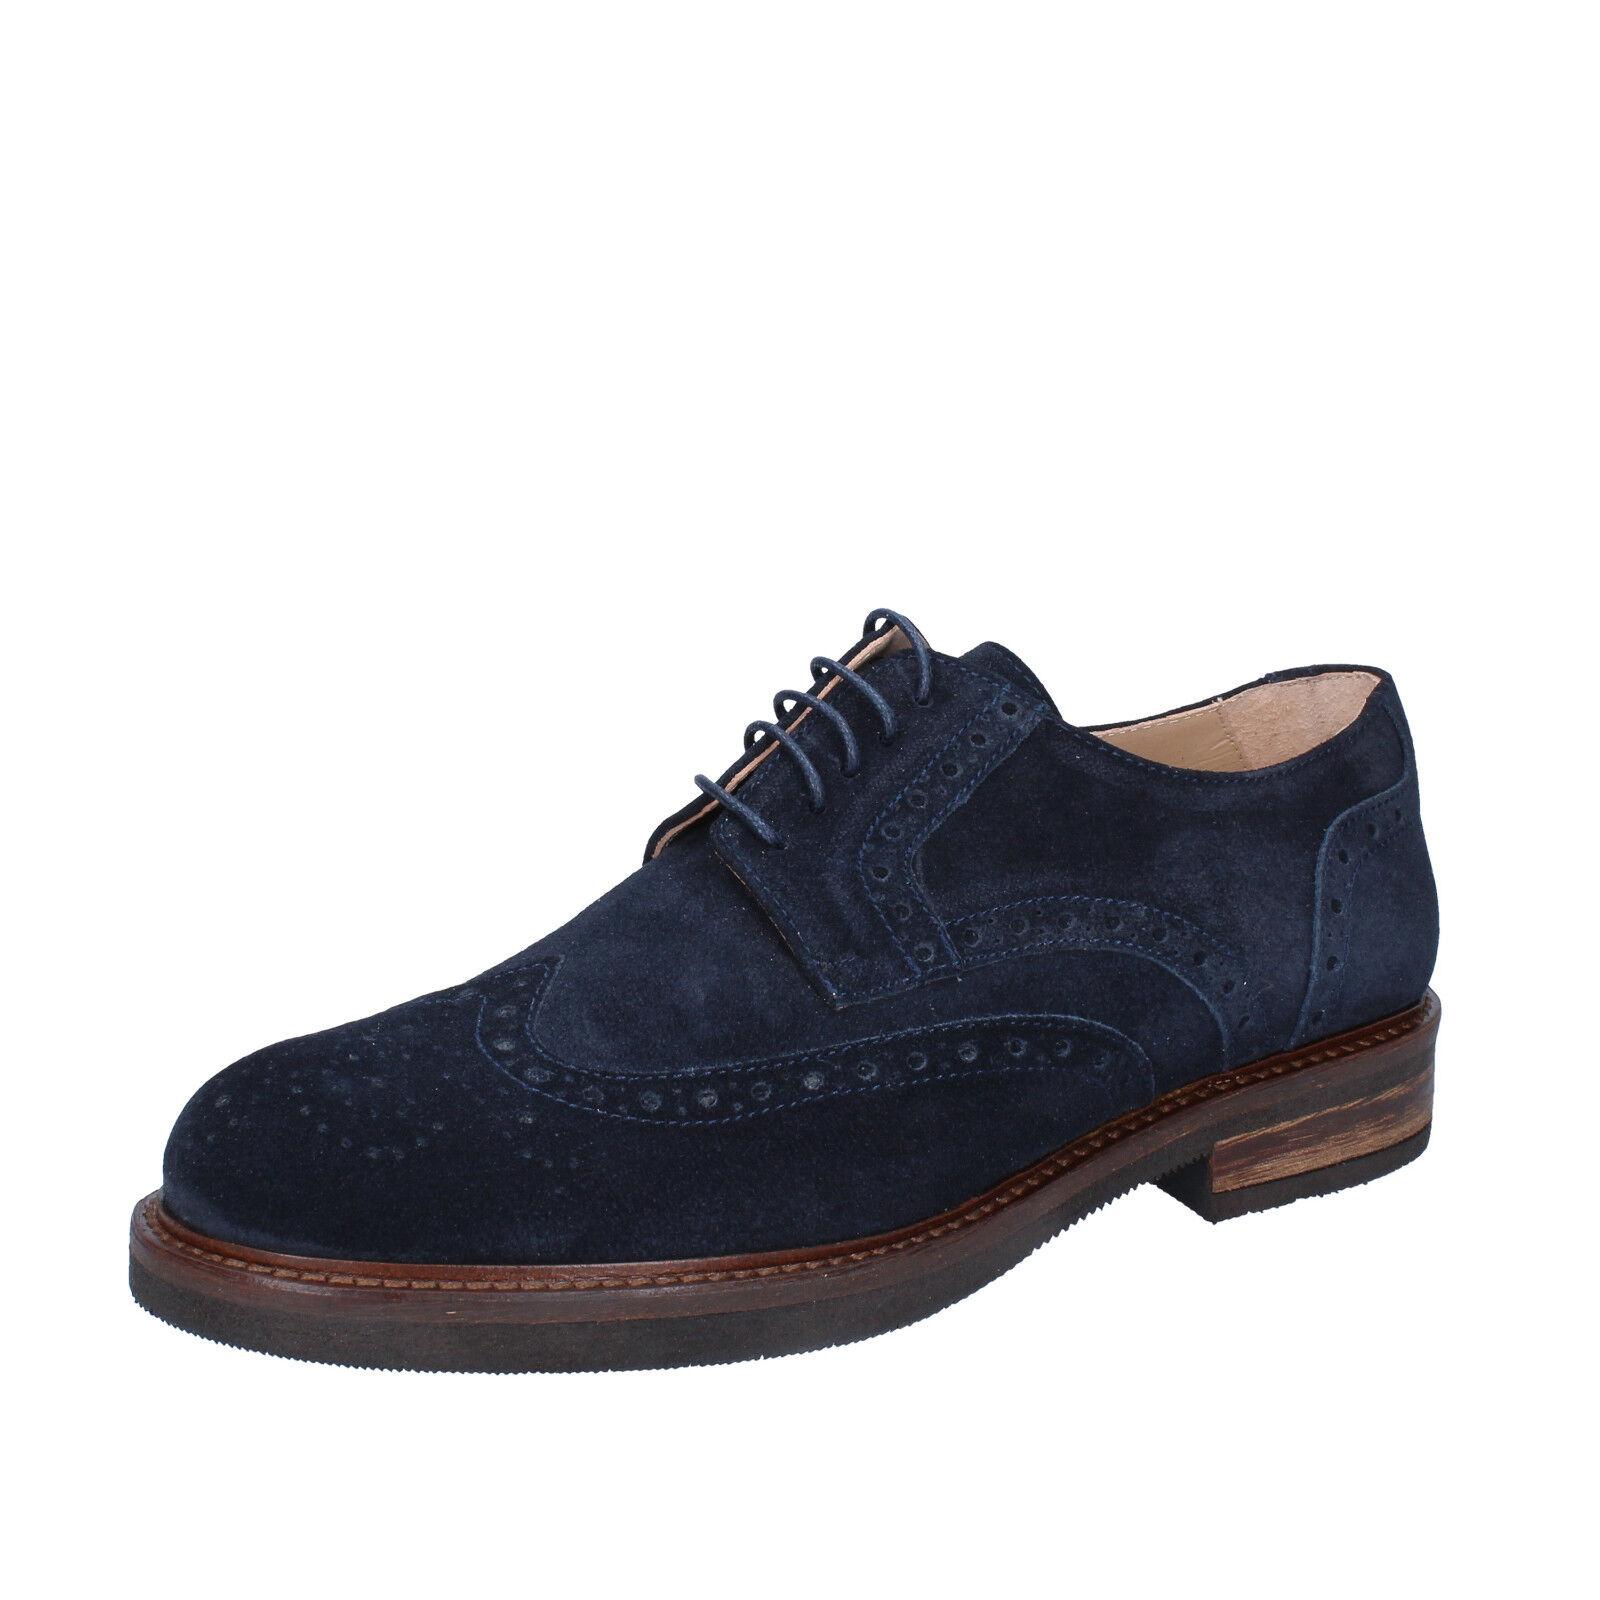 Scarpe casual da uomo  Scarpe uomo FDF shoes 43 UE elegante blu camoscio bz342-e